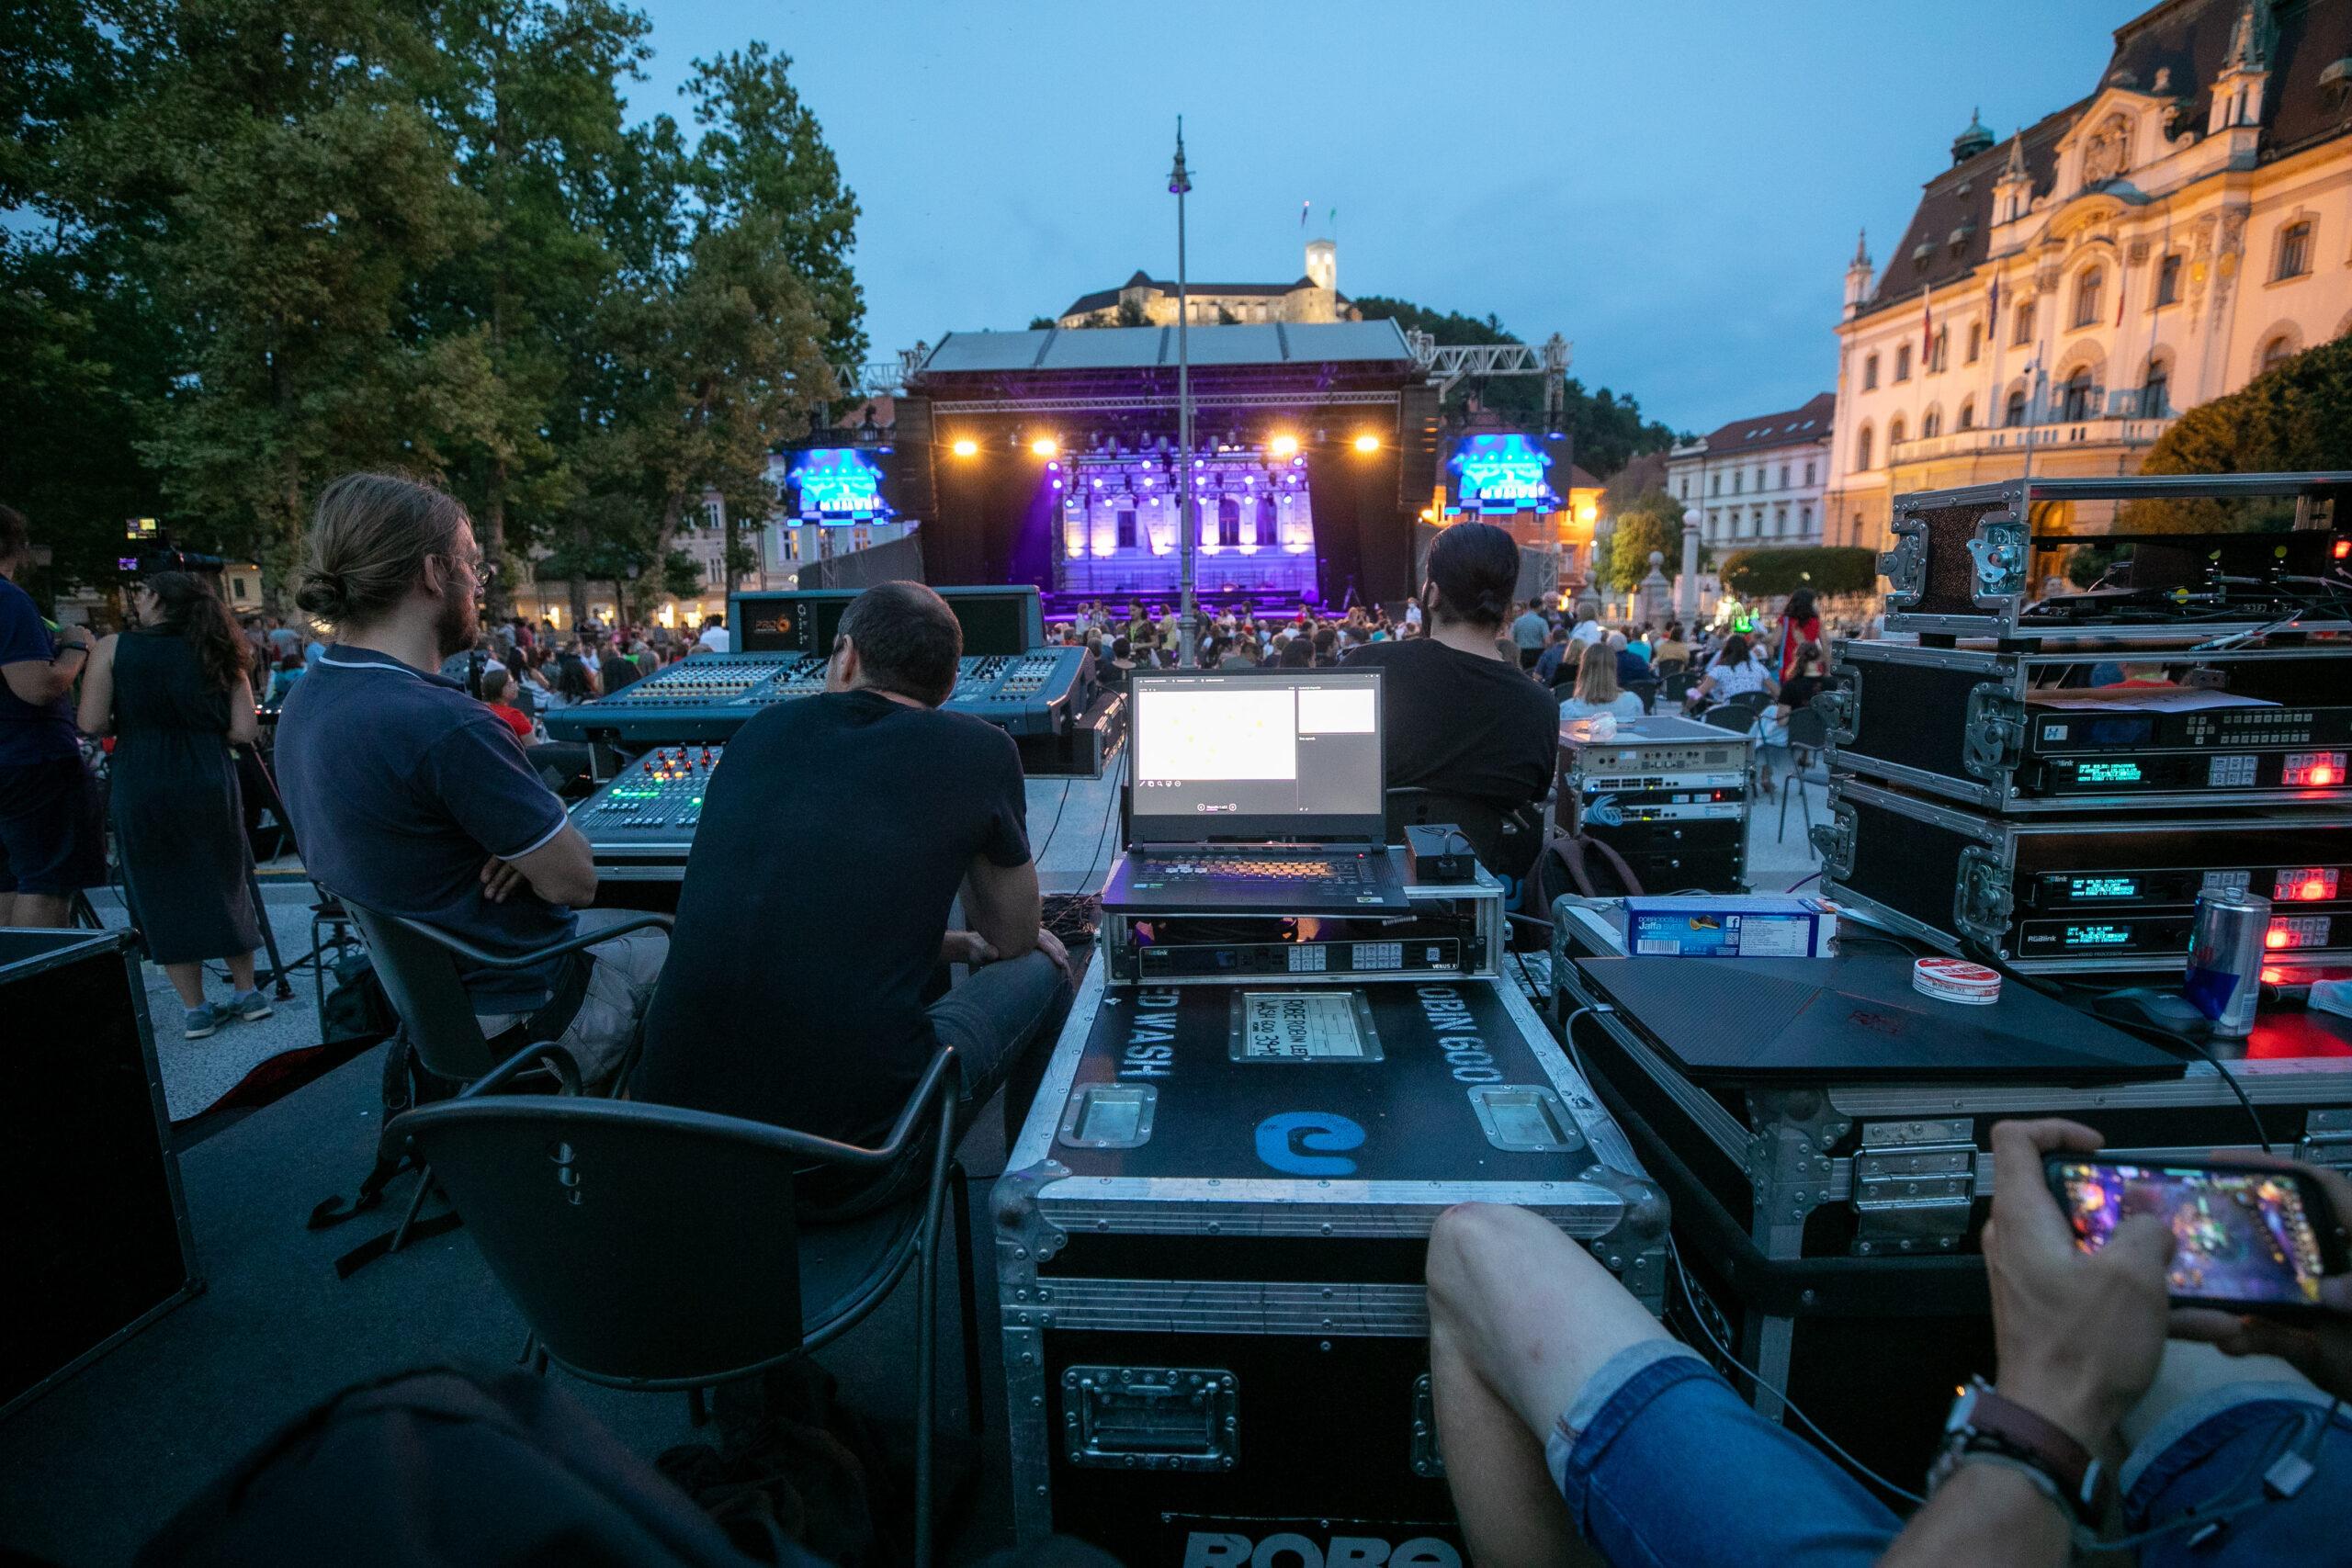 Europa Cantat 2021; Photo: Tomaž Črnej